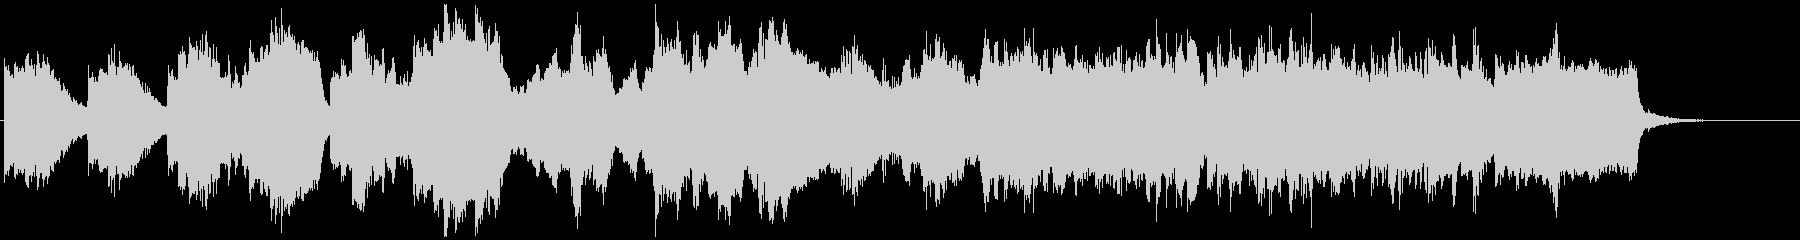 チェロとピアノによる日本の古い童謡風の未再生の波形